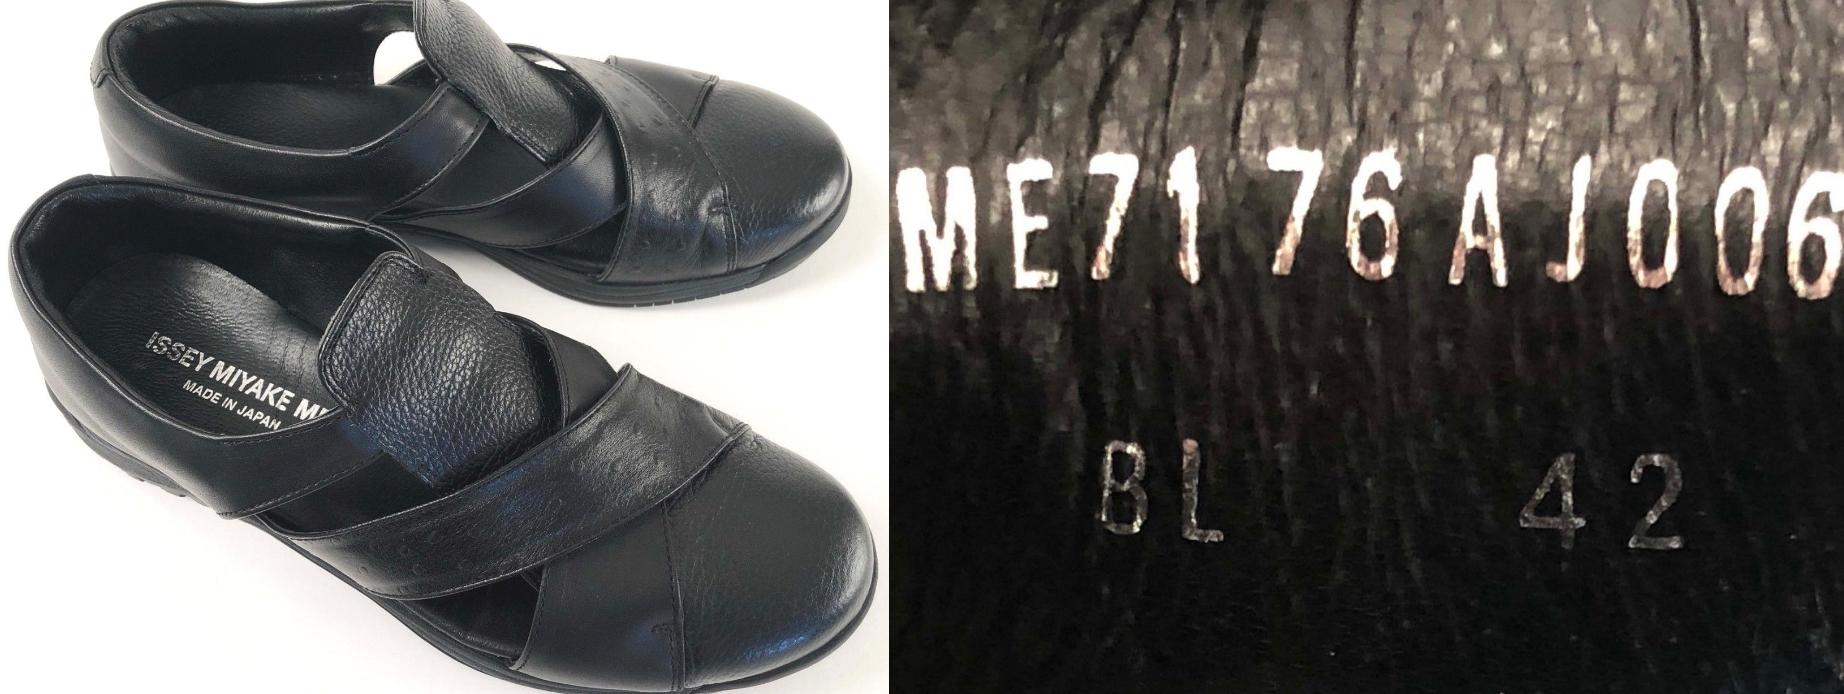 95138911647b Japanese Shoe Sizes  Yohji Yamamoto